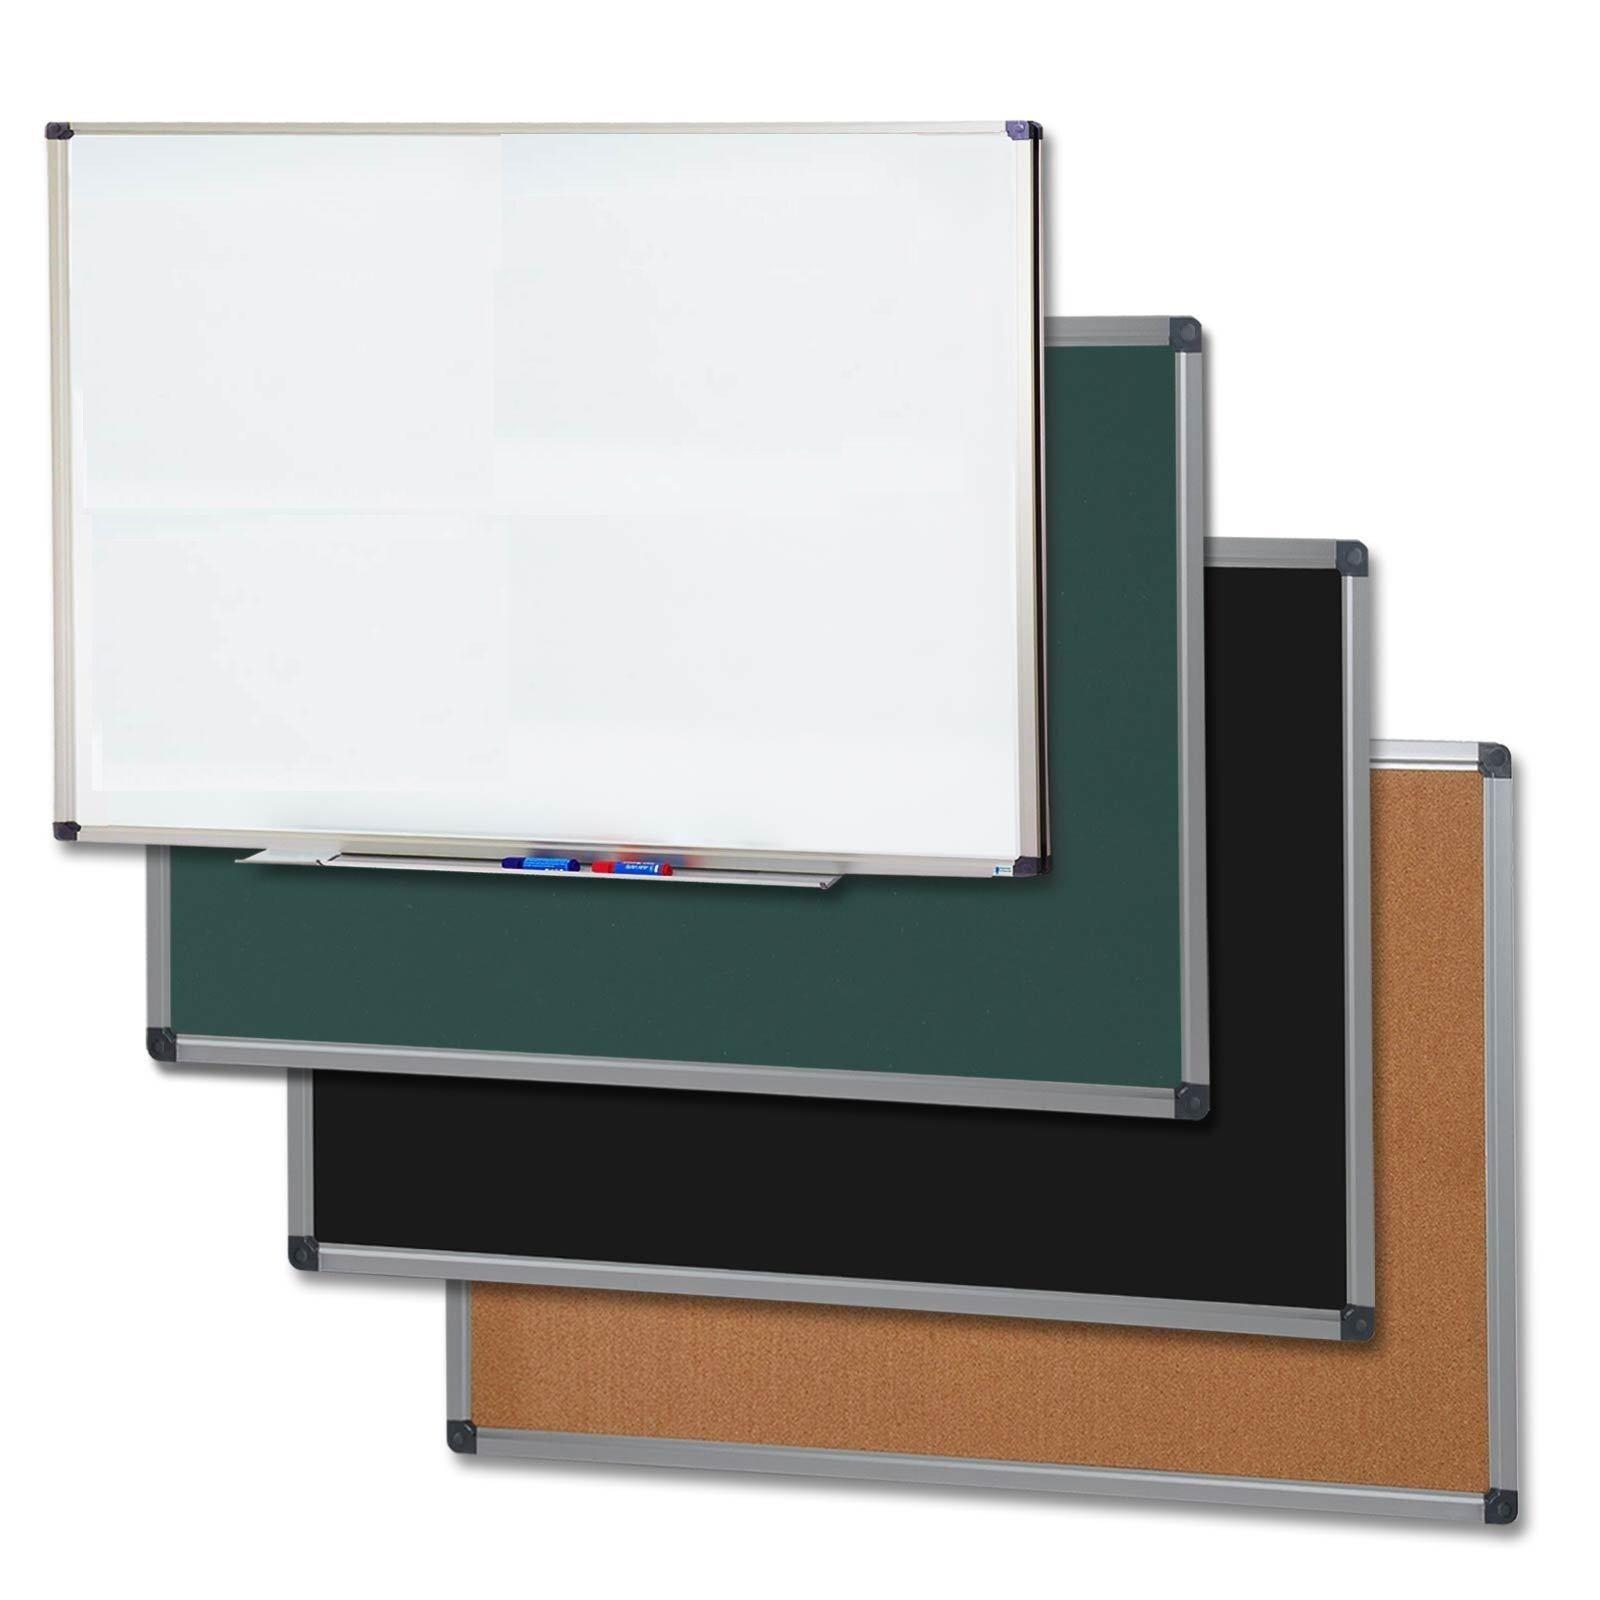 Fesselnde Magnetische Kreidetafel Sammlung Von Whiteboard Schreibttafel Pinnwand Wandtafel Tafel Weisswand